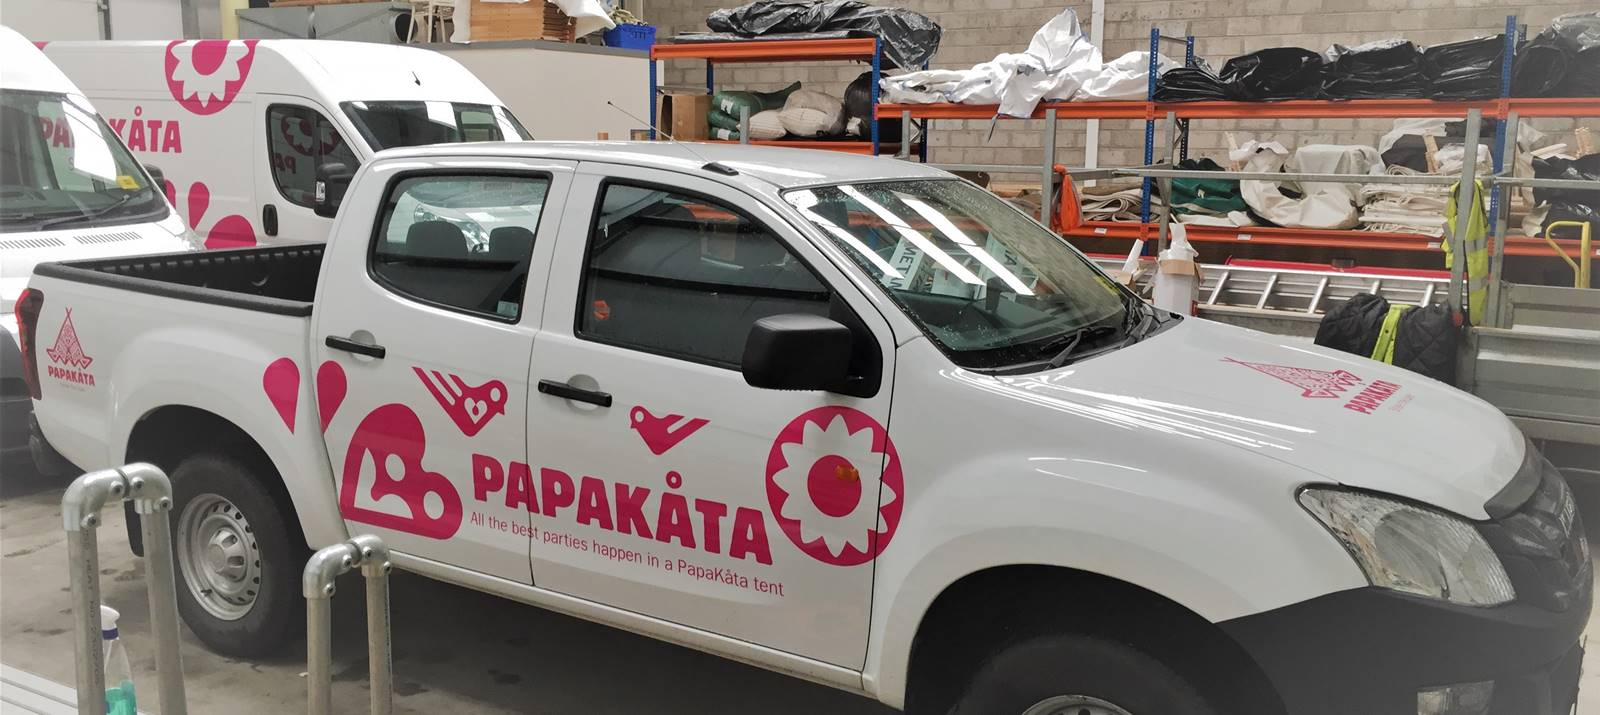 Papakata Vehicle Graphics York